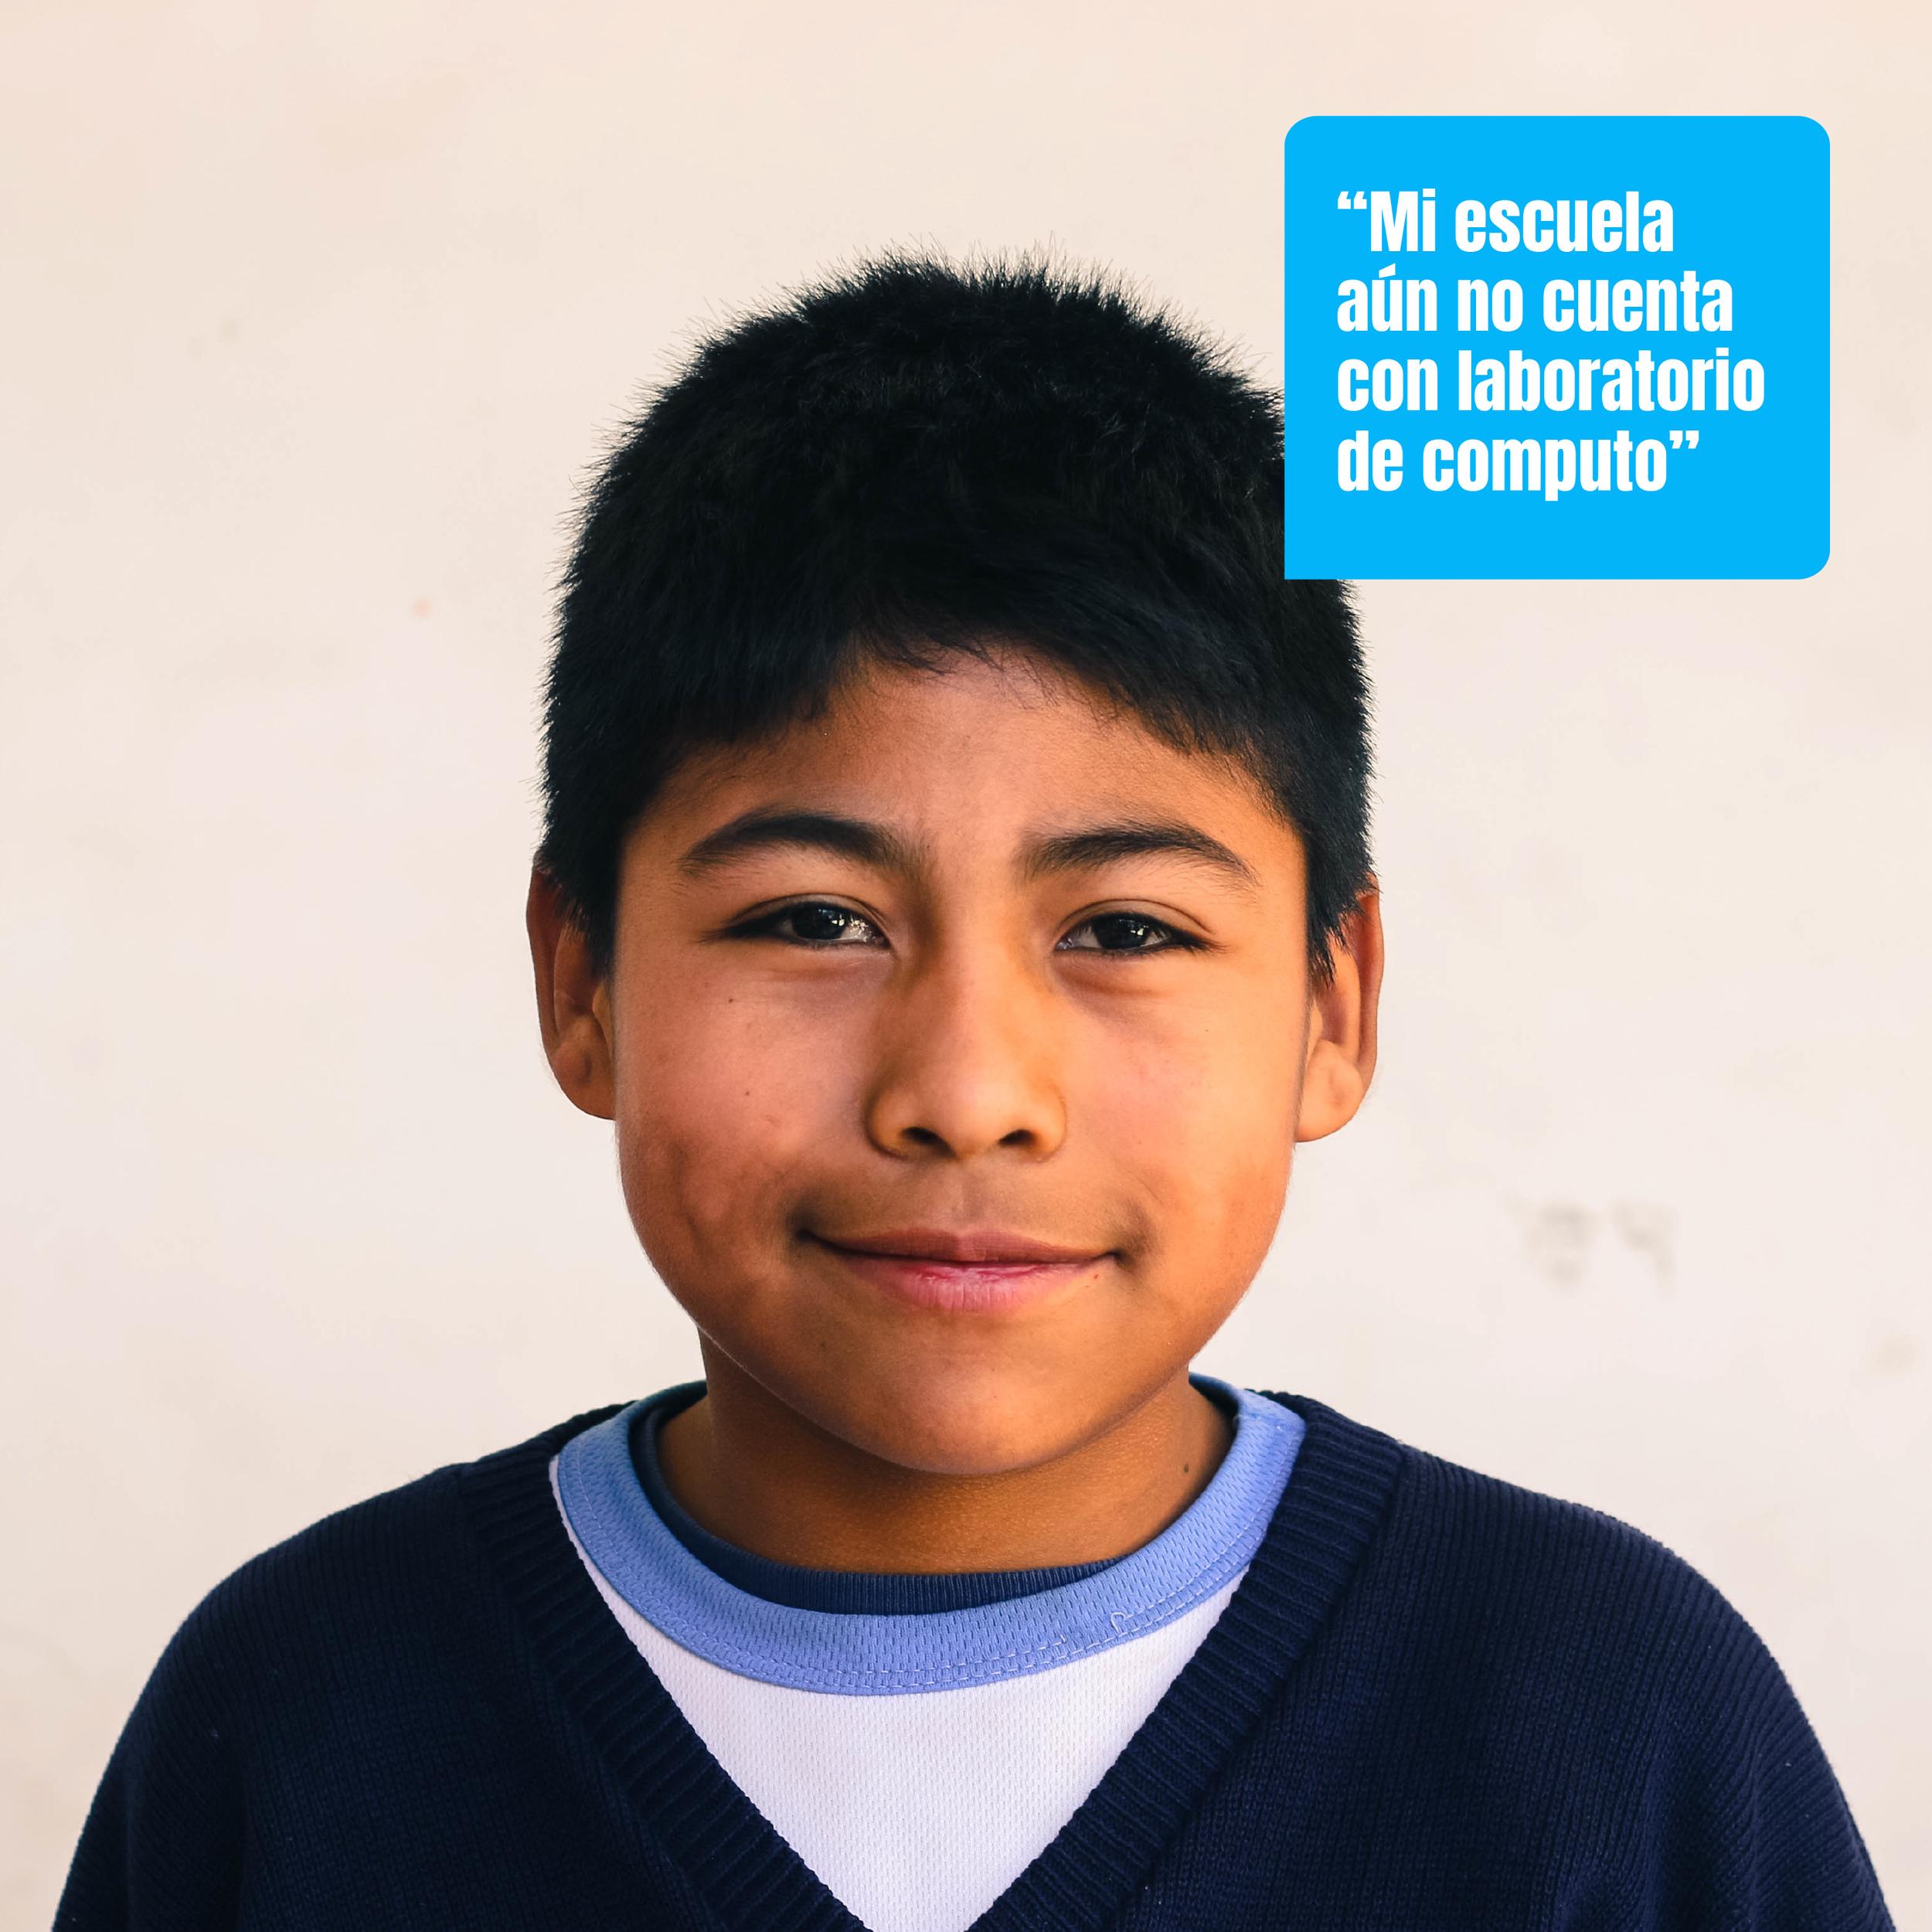 Hoy en Guatemala, hay más de 18,000 escuelas primarias públicas, de las cuales aproximadamente un 90% no tienen acceso a la tecnología.